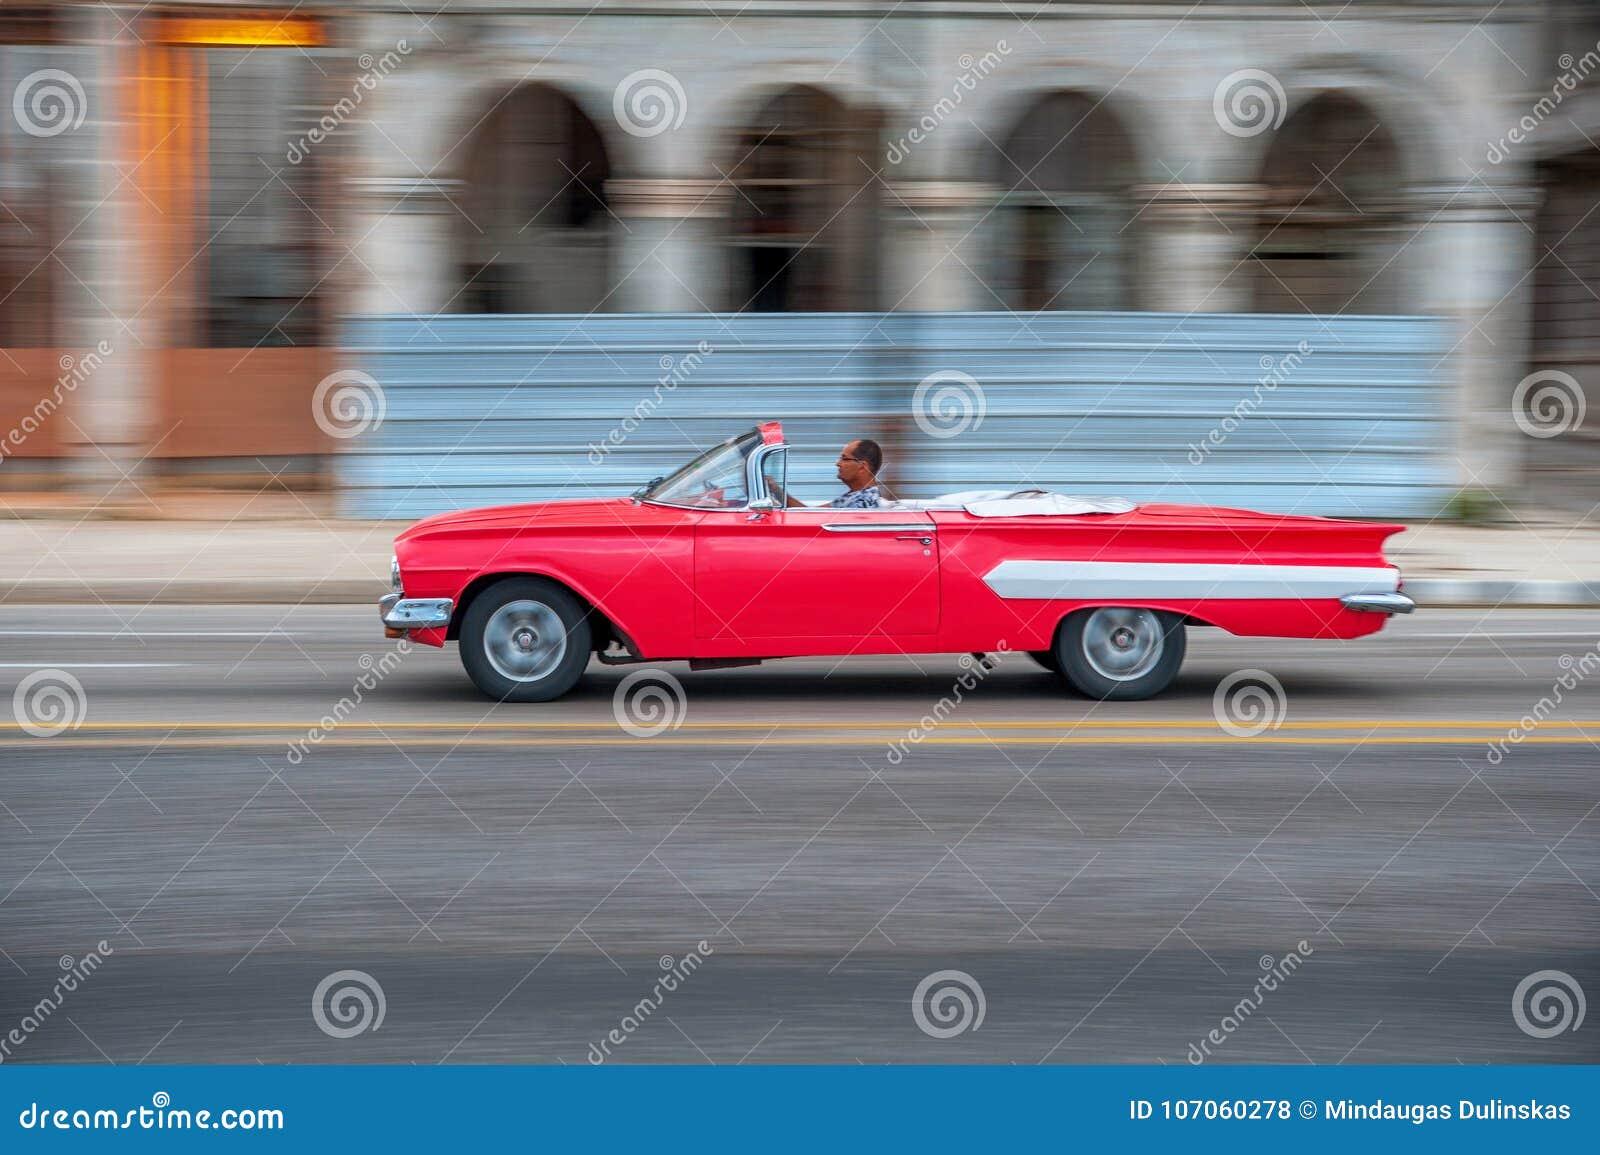 HAVANA, KUBA - 20. OKTOBER 2017: Havana Old Town und Malecon-Bereich mit altem Taxi-Fahrzeug kuba schwenken